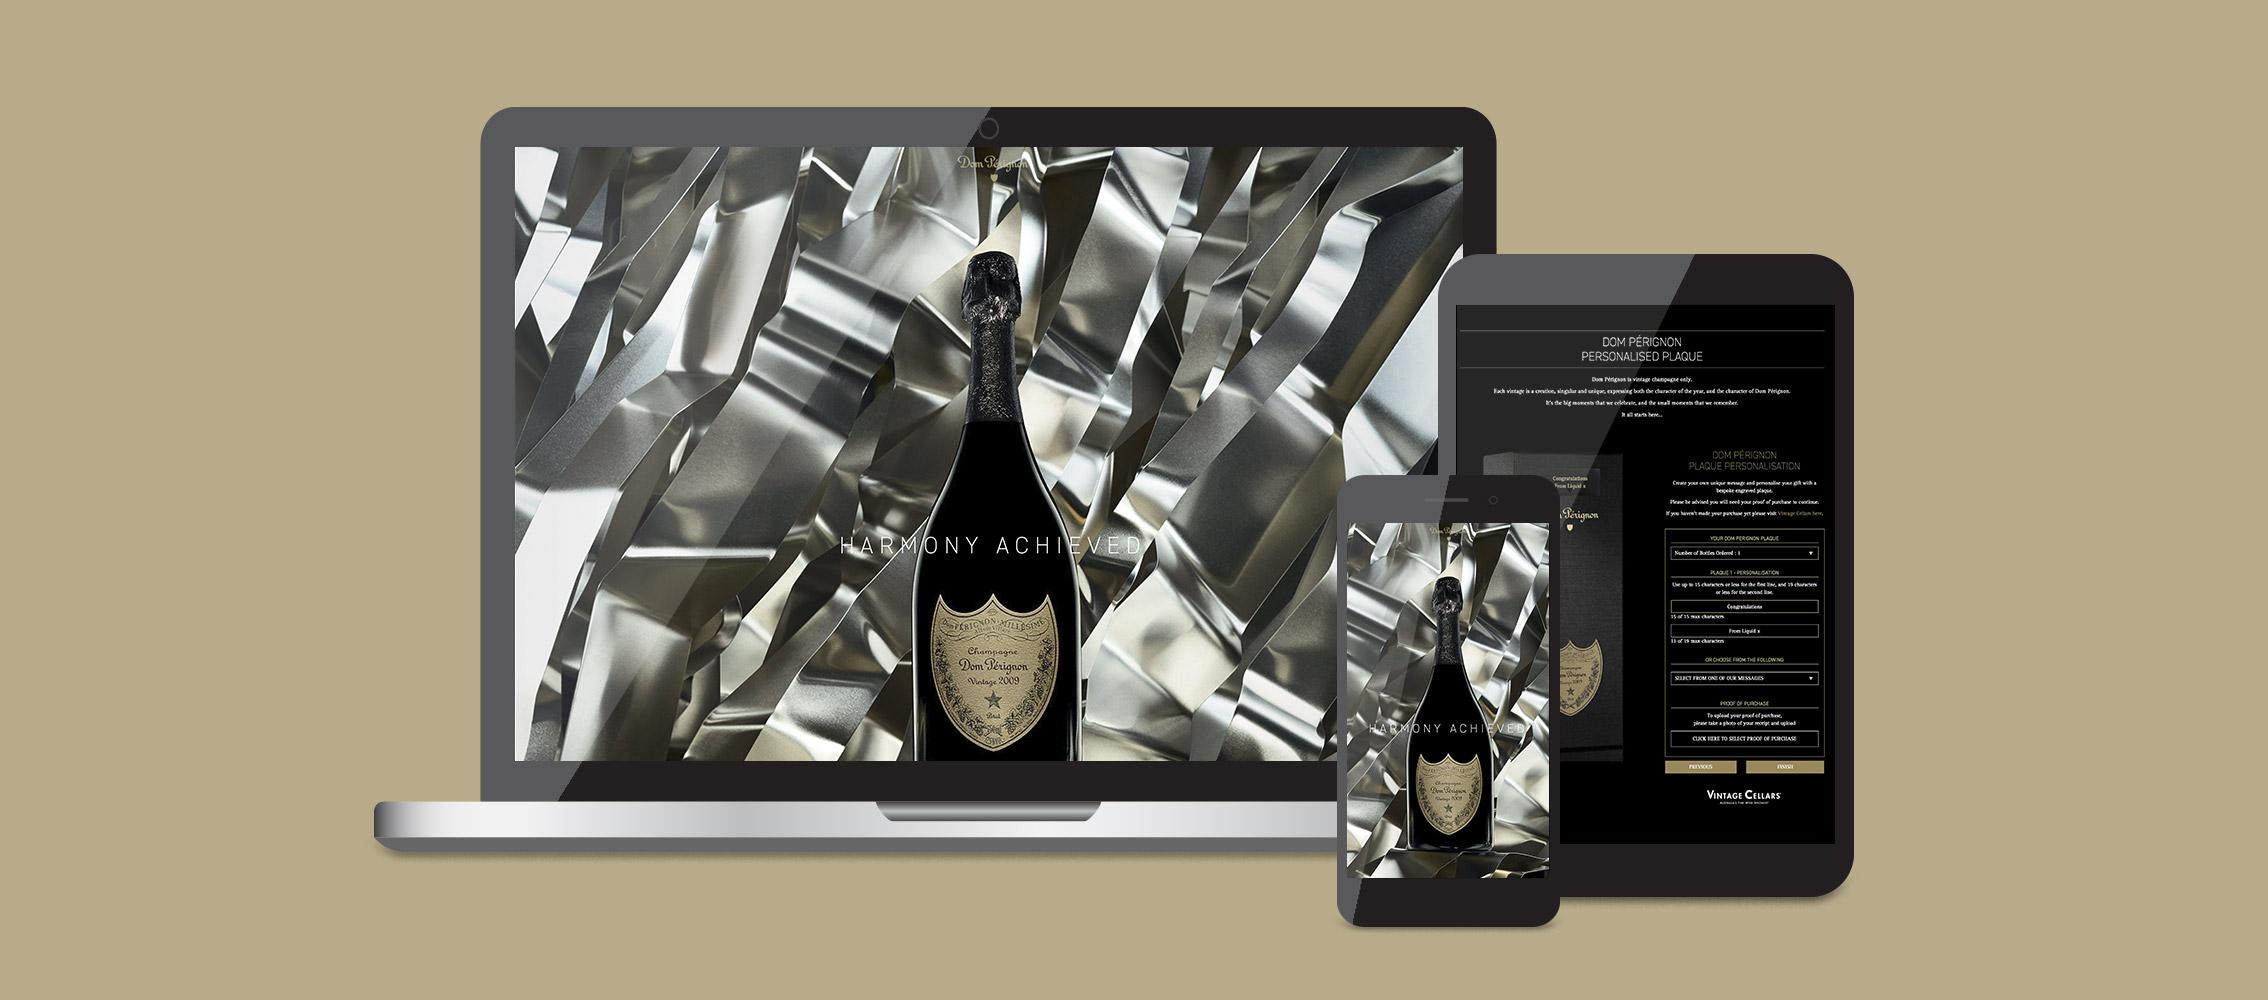 Dom Pérignon Microsite Design and Development